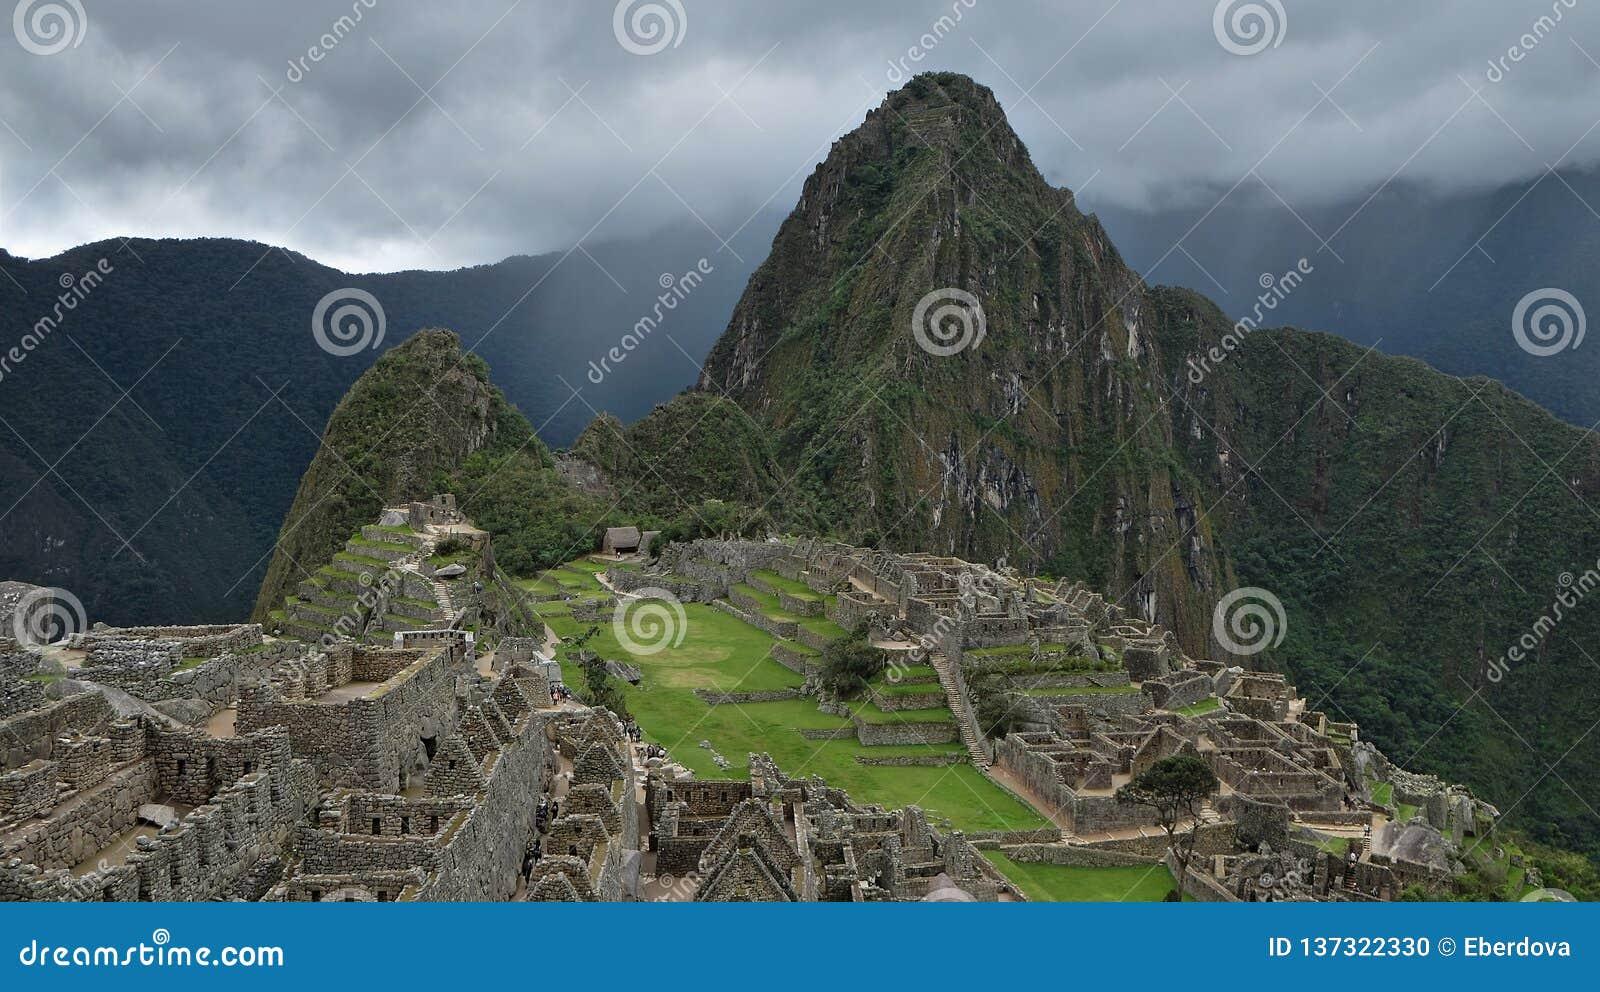 Motning nuageux au site archéologique de Machu Picchu